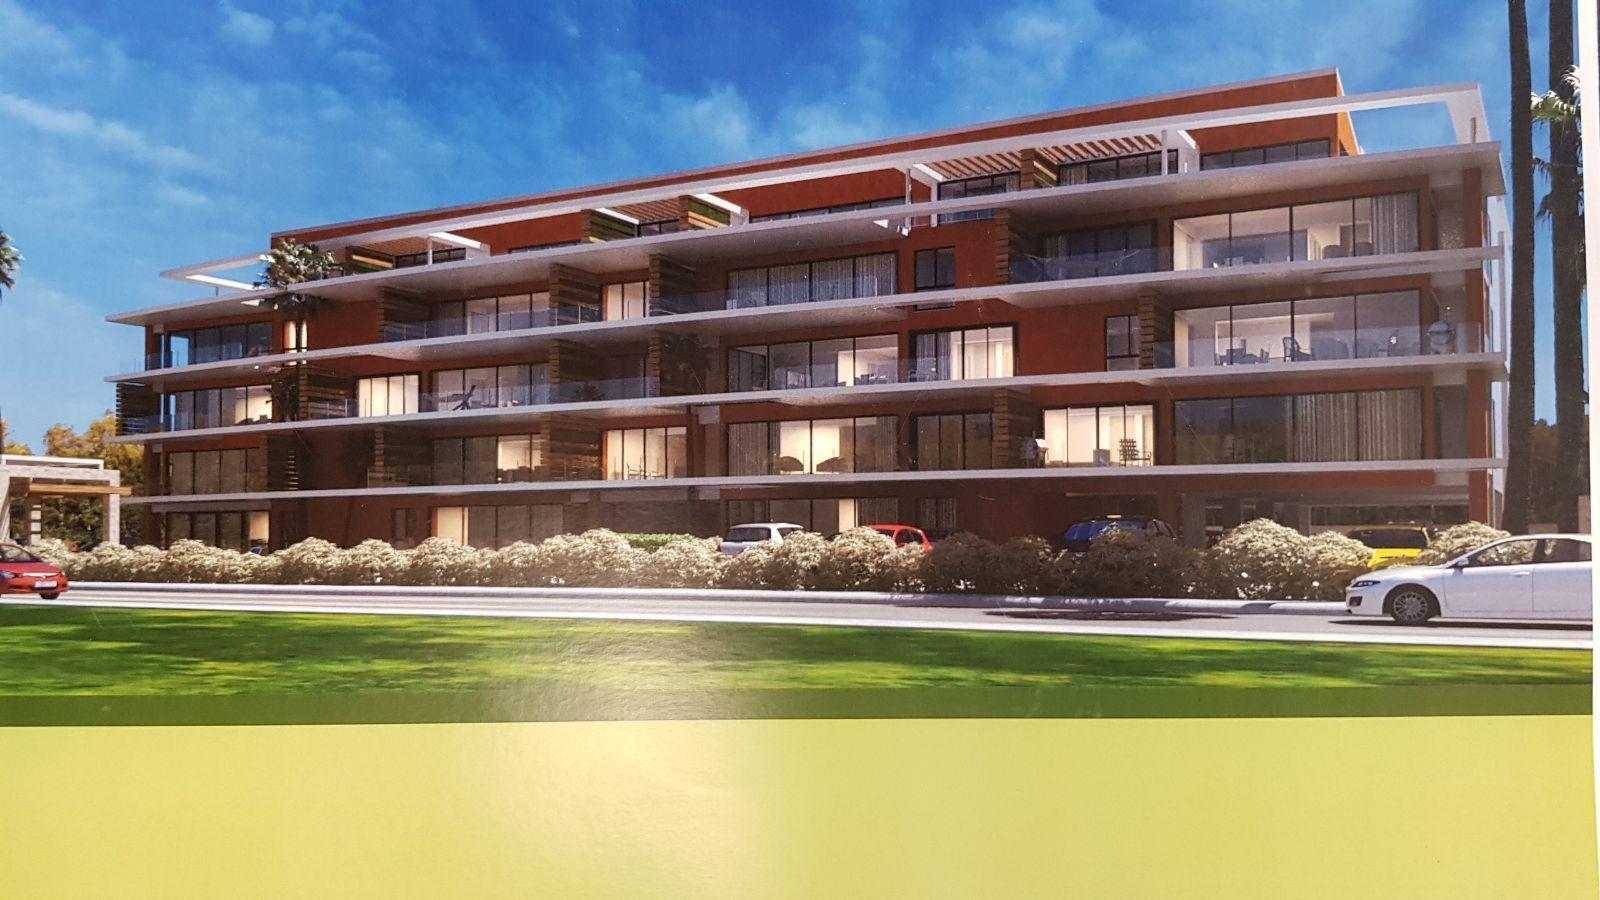 Apartamento La Altagracia>Salvaleón de Higüey>Veron-Punta Cana - Venta:234.215 Dolares - codigo: 18-389